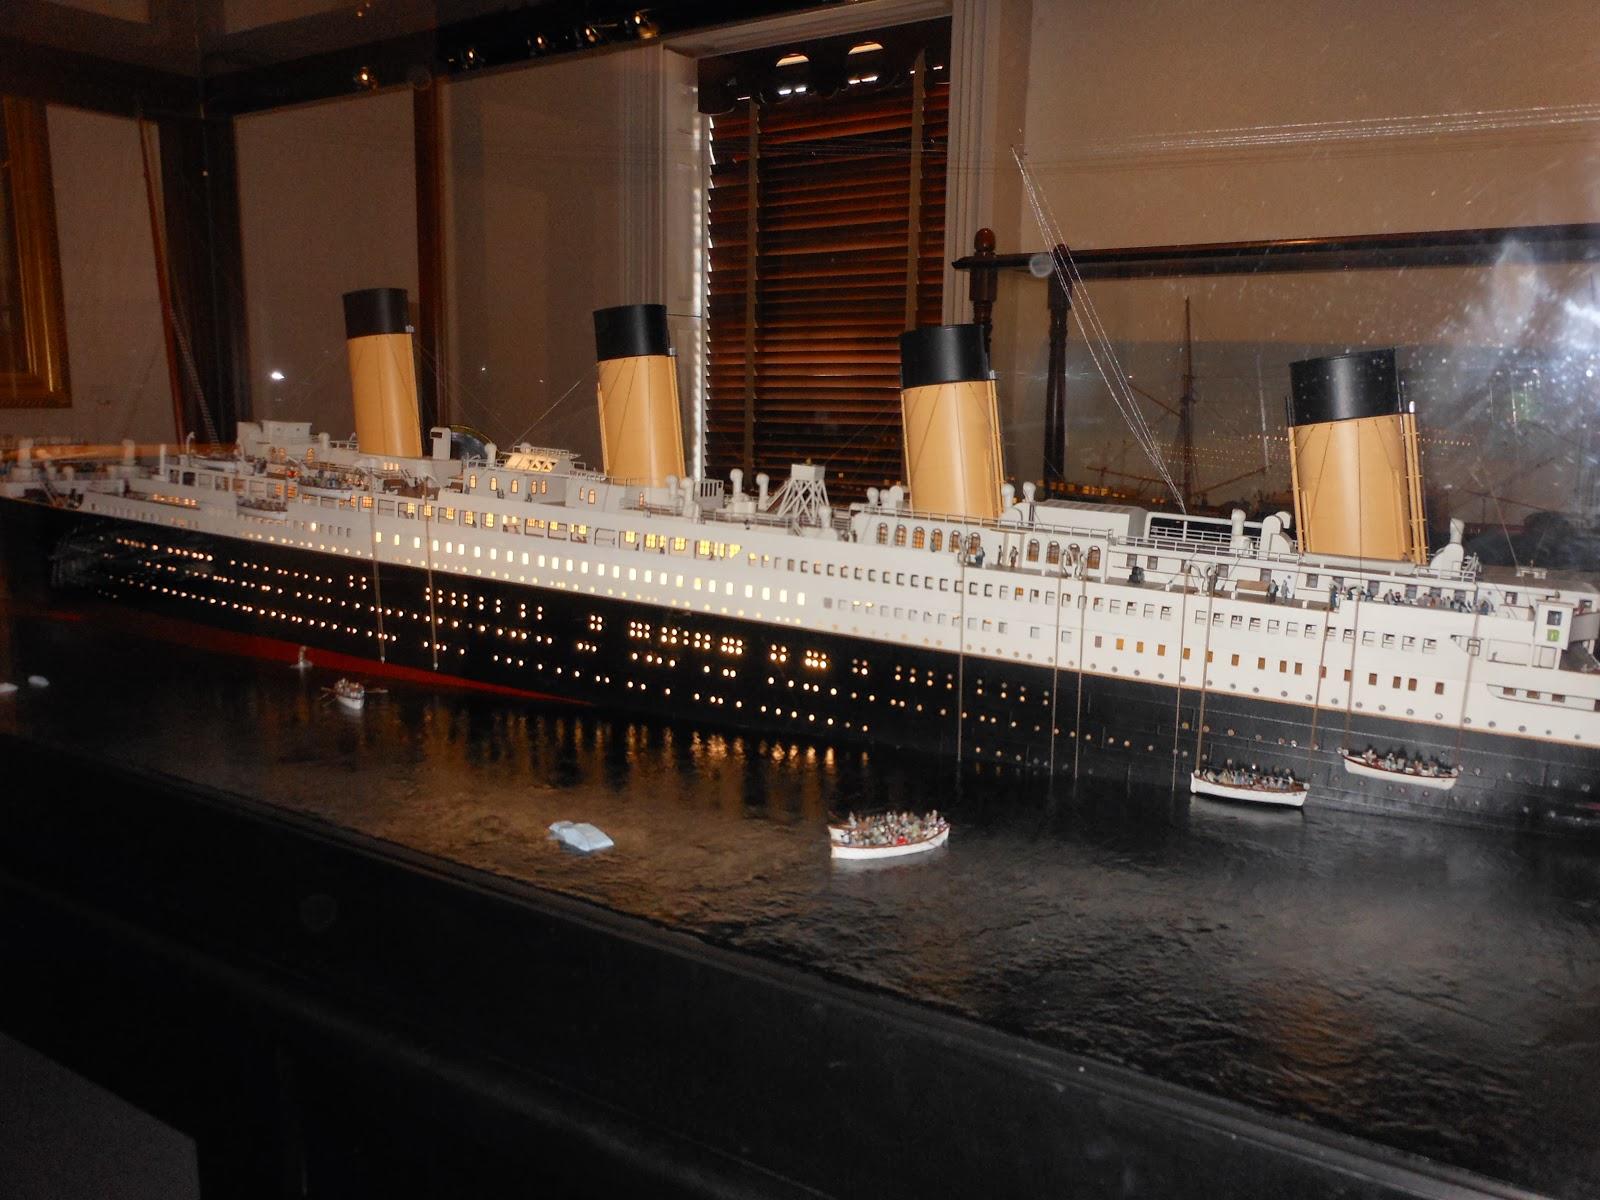 Au musée maritime de la mer à Savannah [Géorgie, USA] Christmas+vacation+eating+and+Maritime+Museum+023